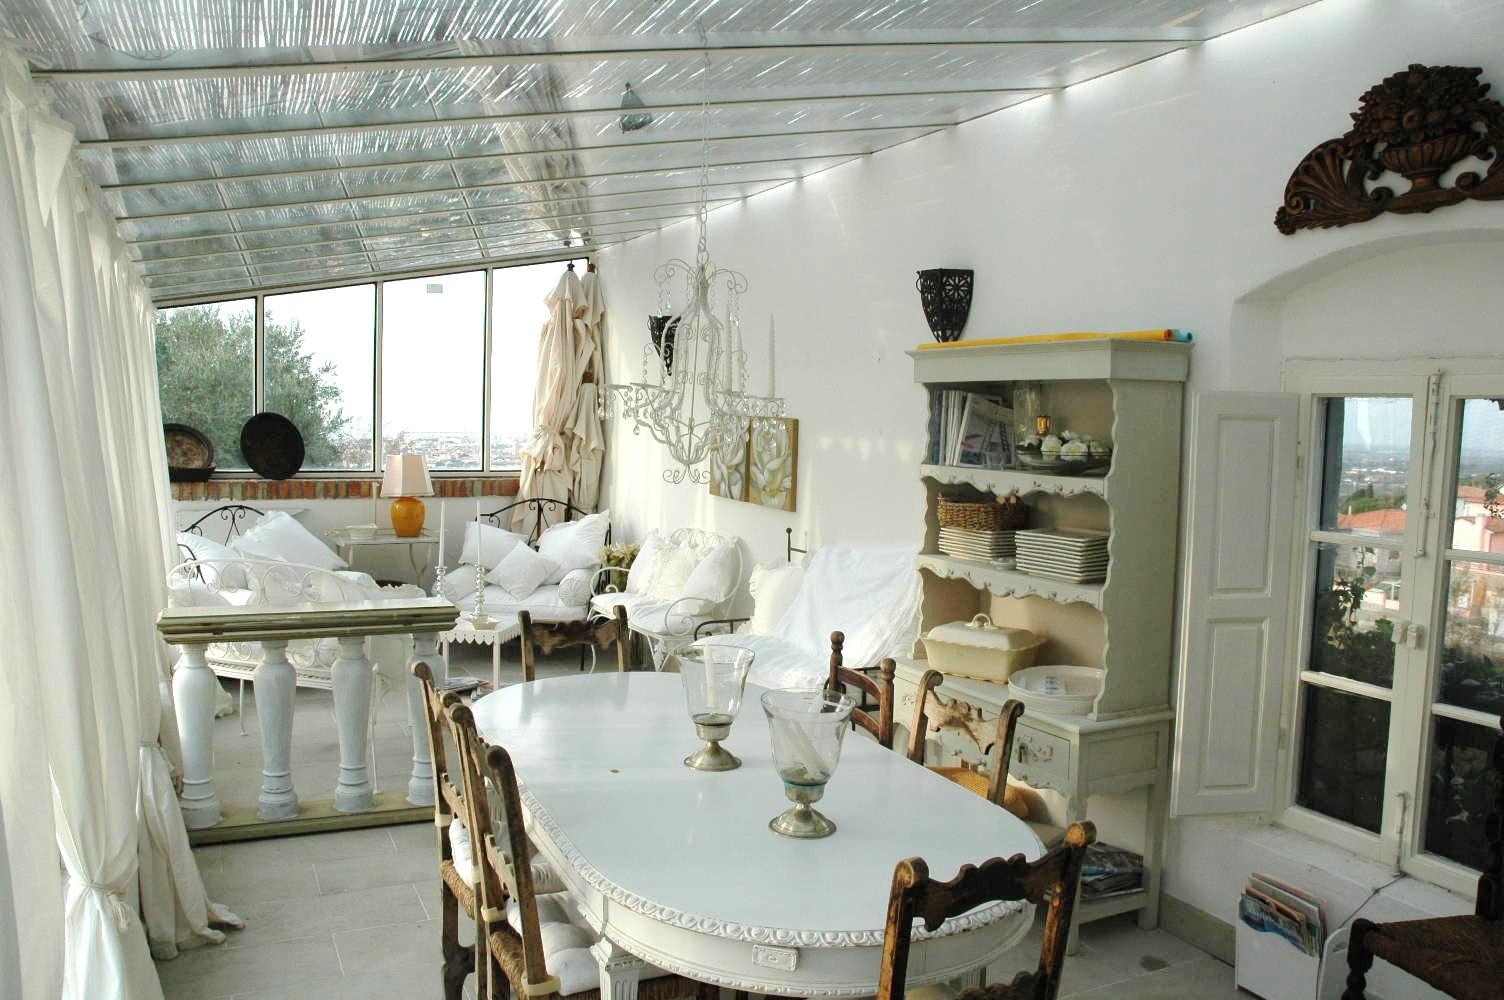 Arredare con eleganza la veranda garden house lazzerini - Arredare giardino d inverno ...